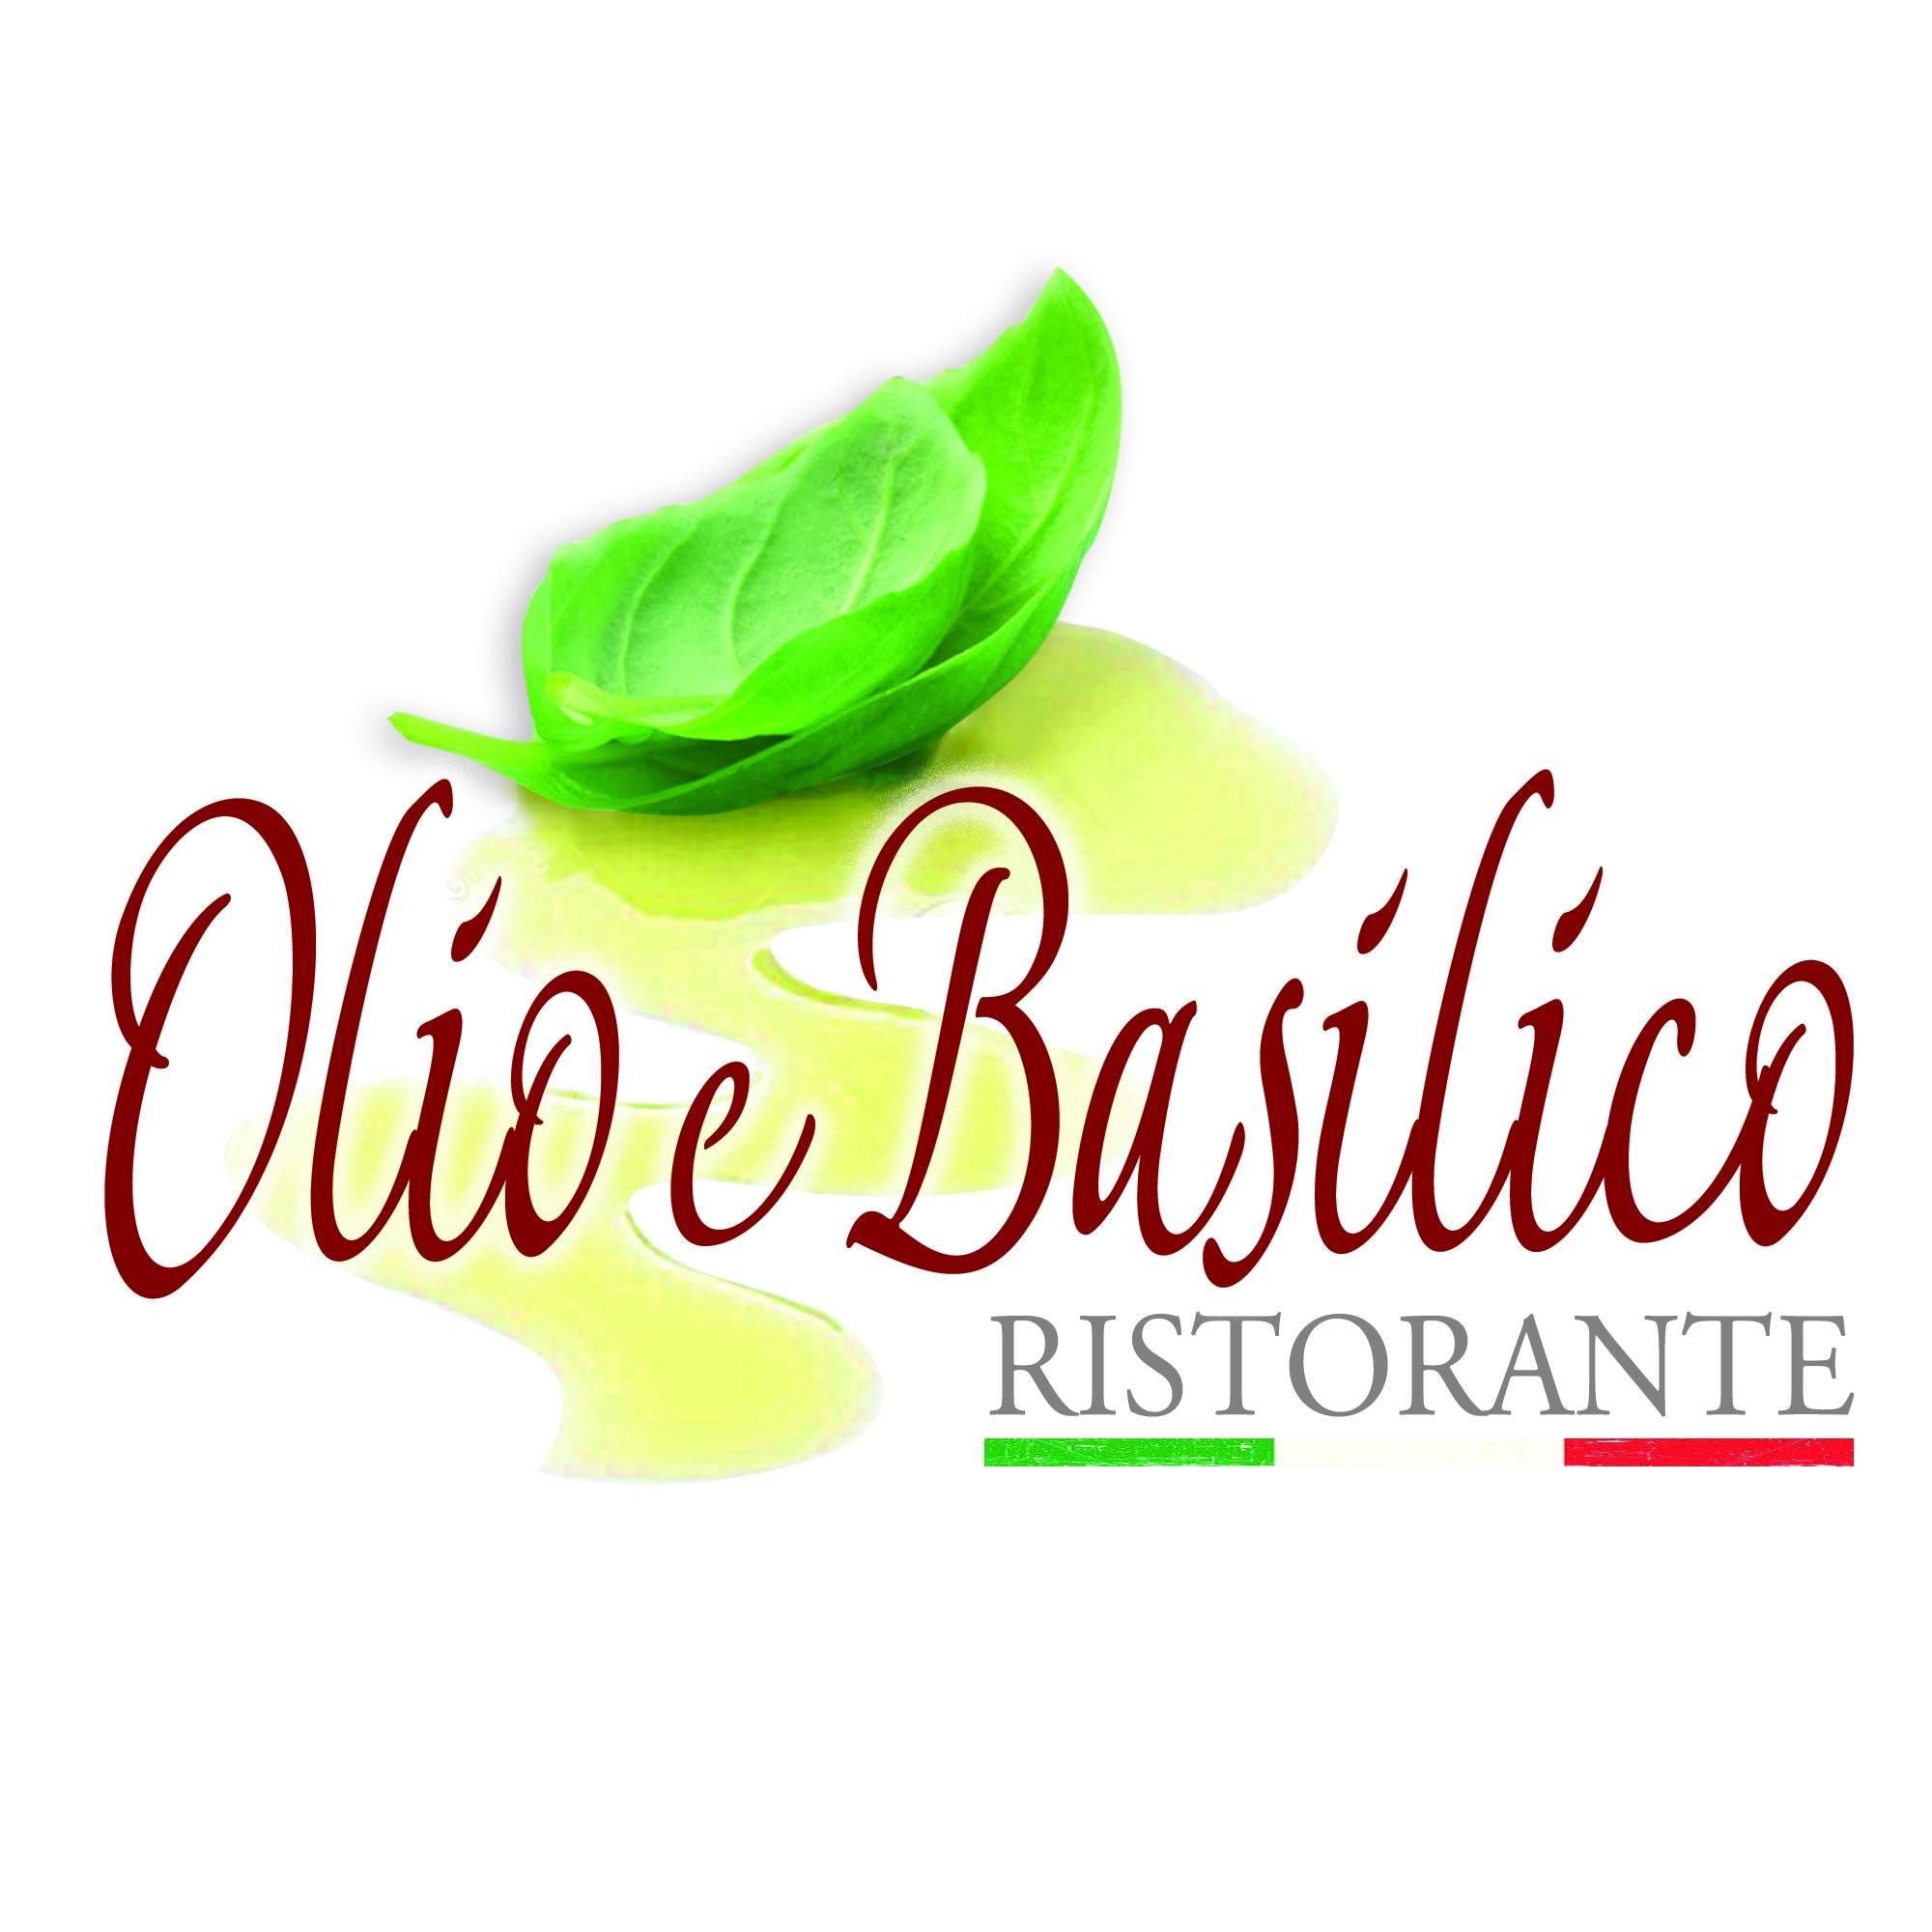 Olio e Basilico Ristorante